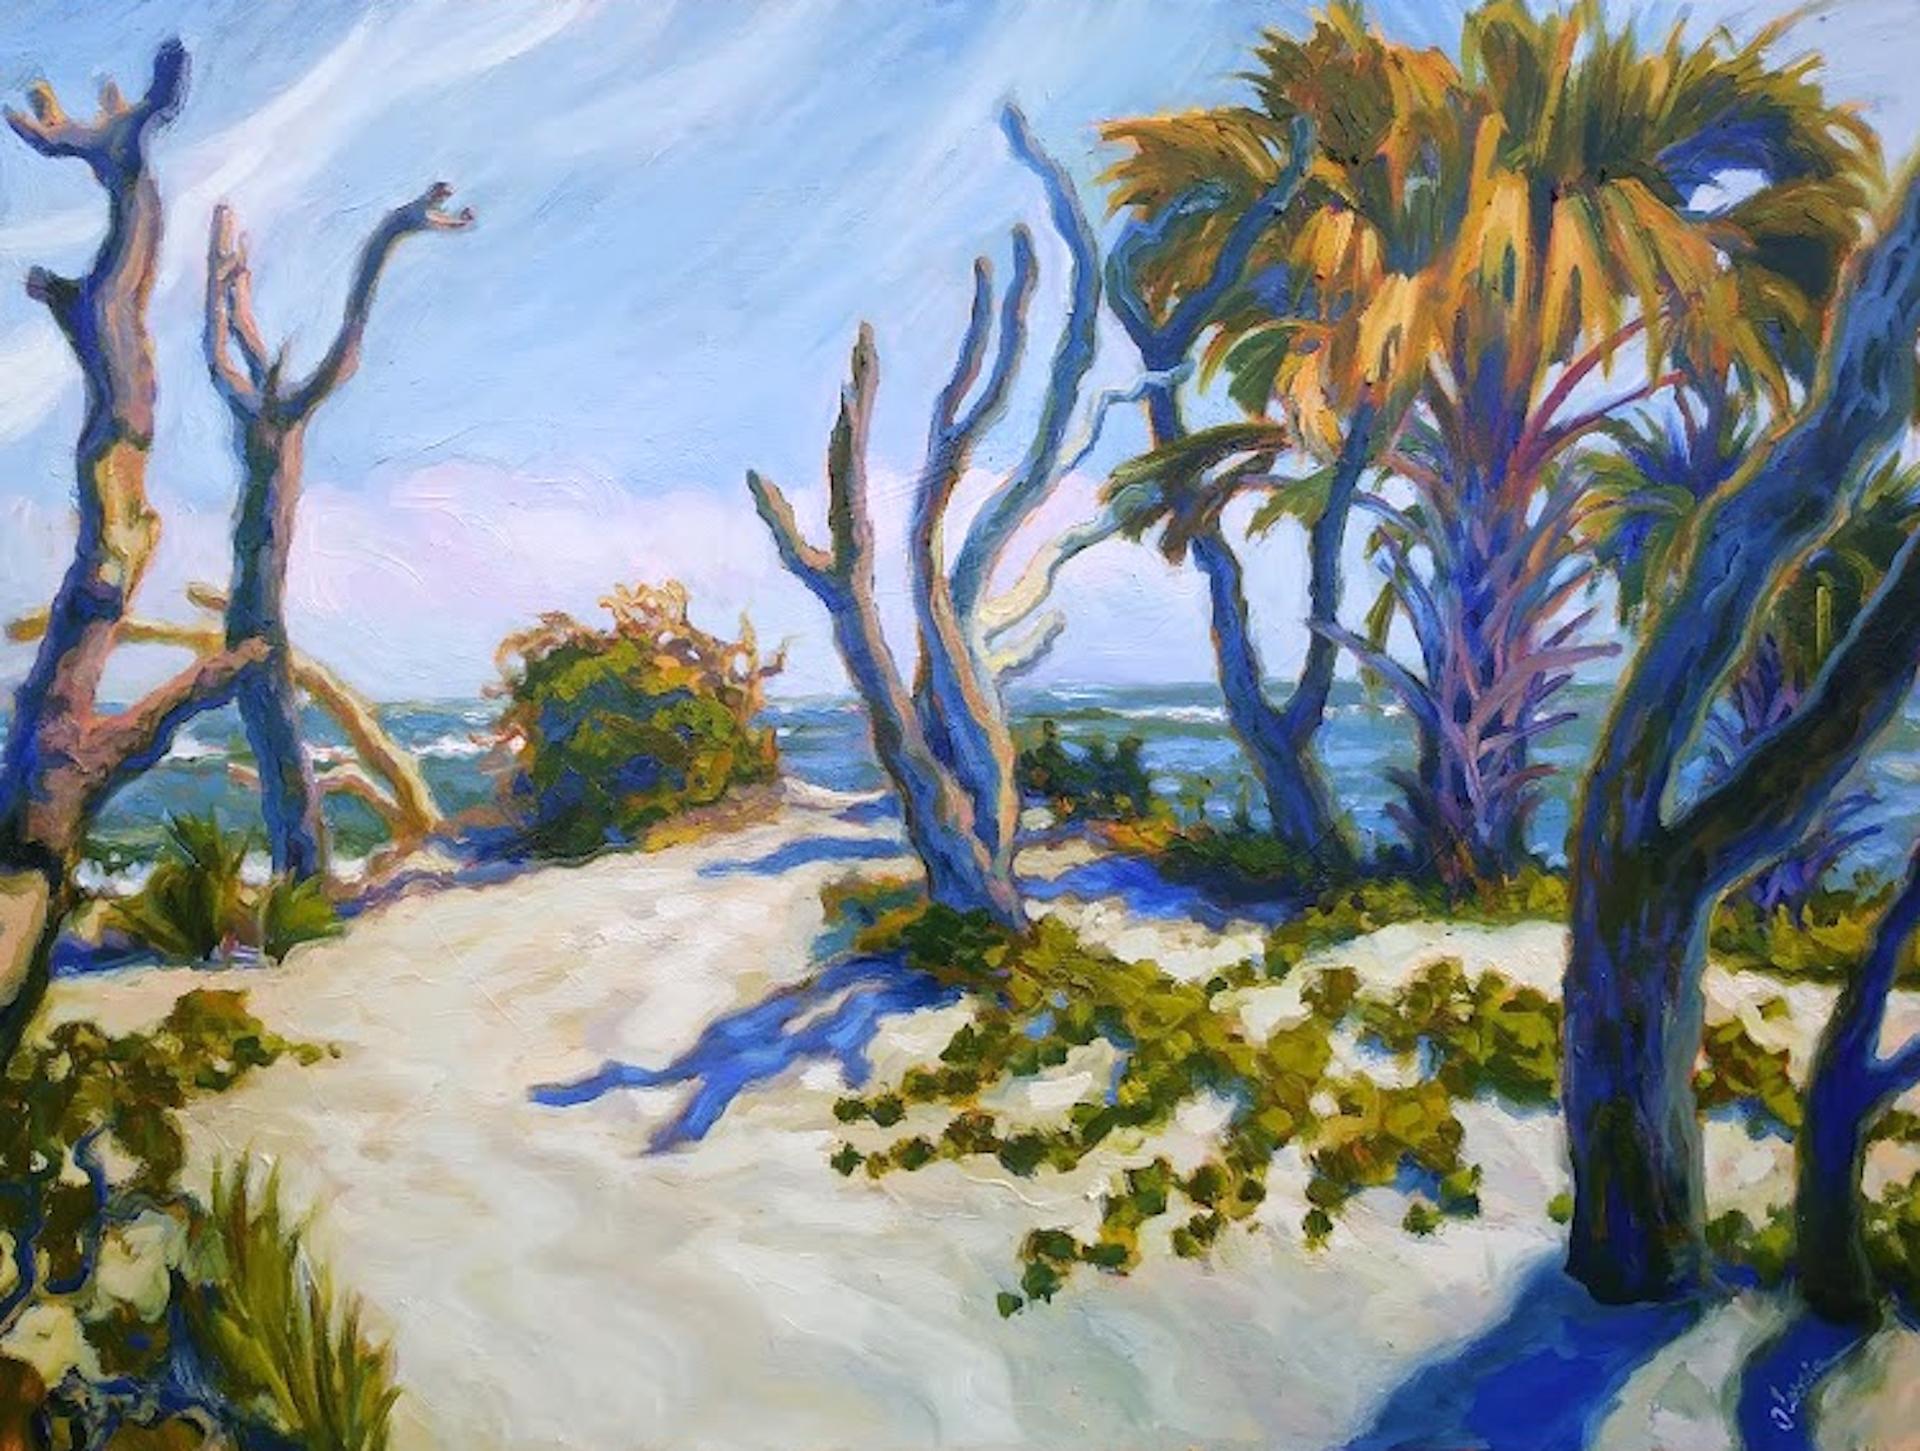 Folly Driftwood Point by Olessia Maximenko